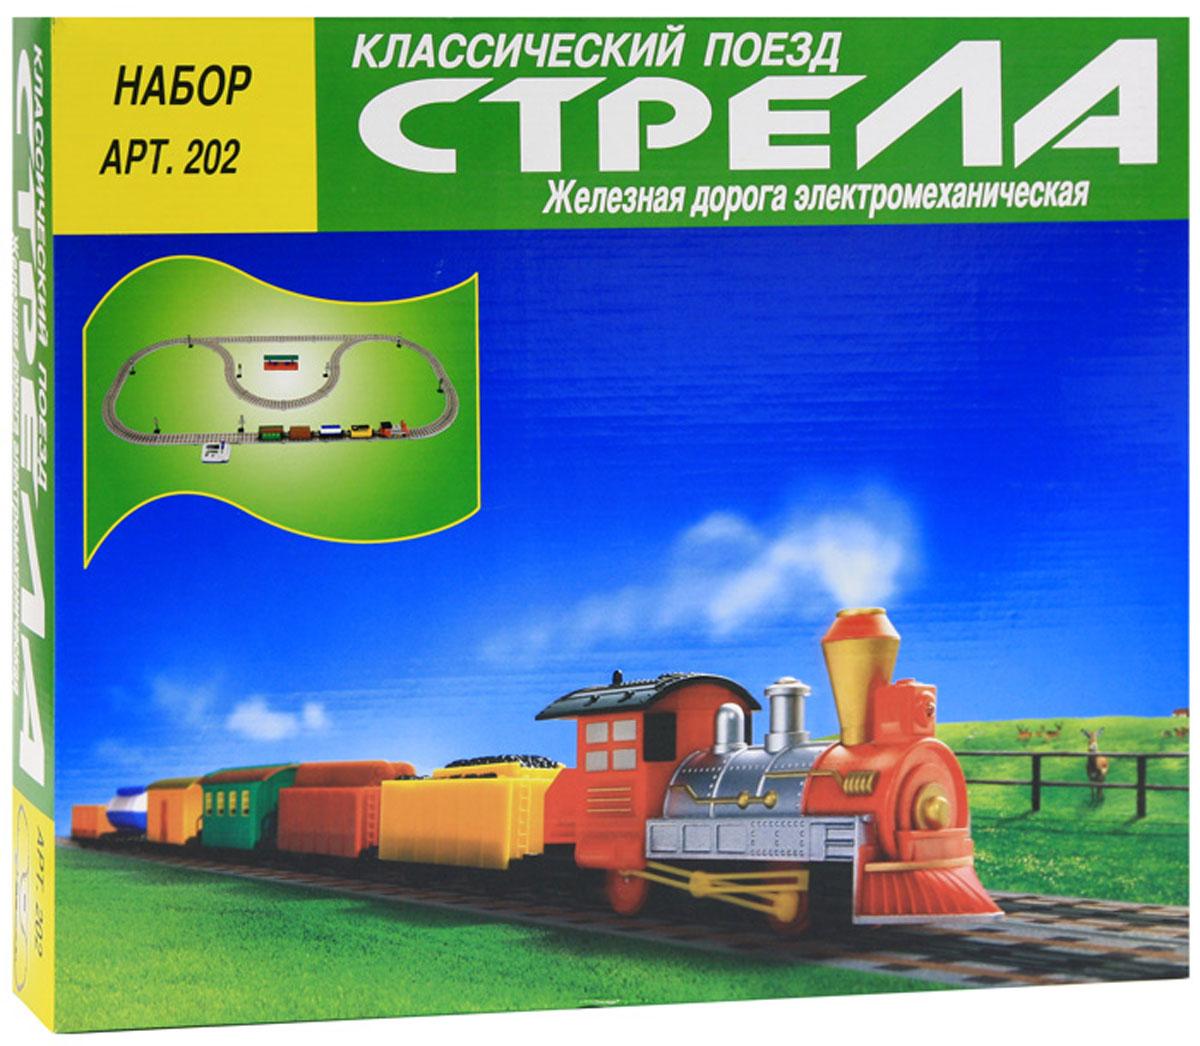 Классический поезд Стрела Железная дорога 61 элемент, Kingfit Industries Ltd.